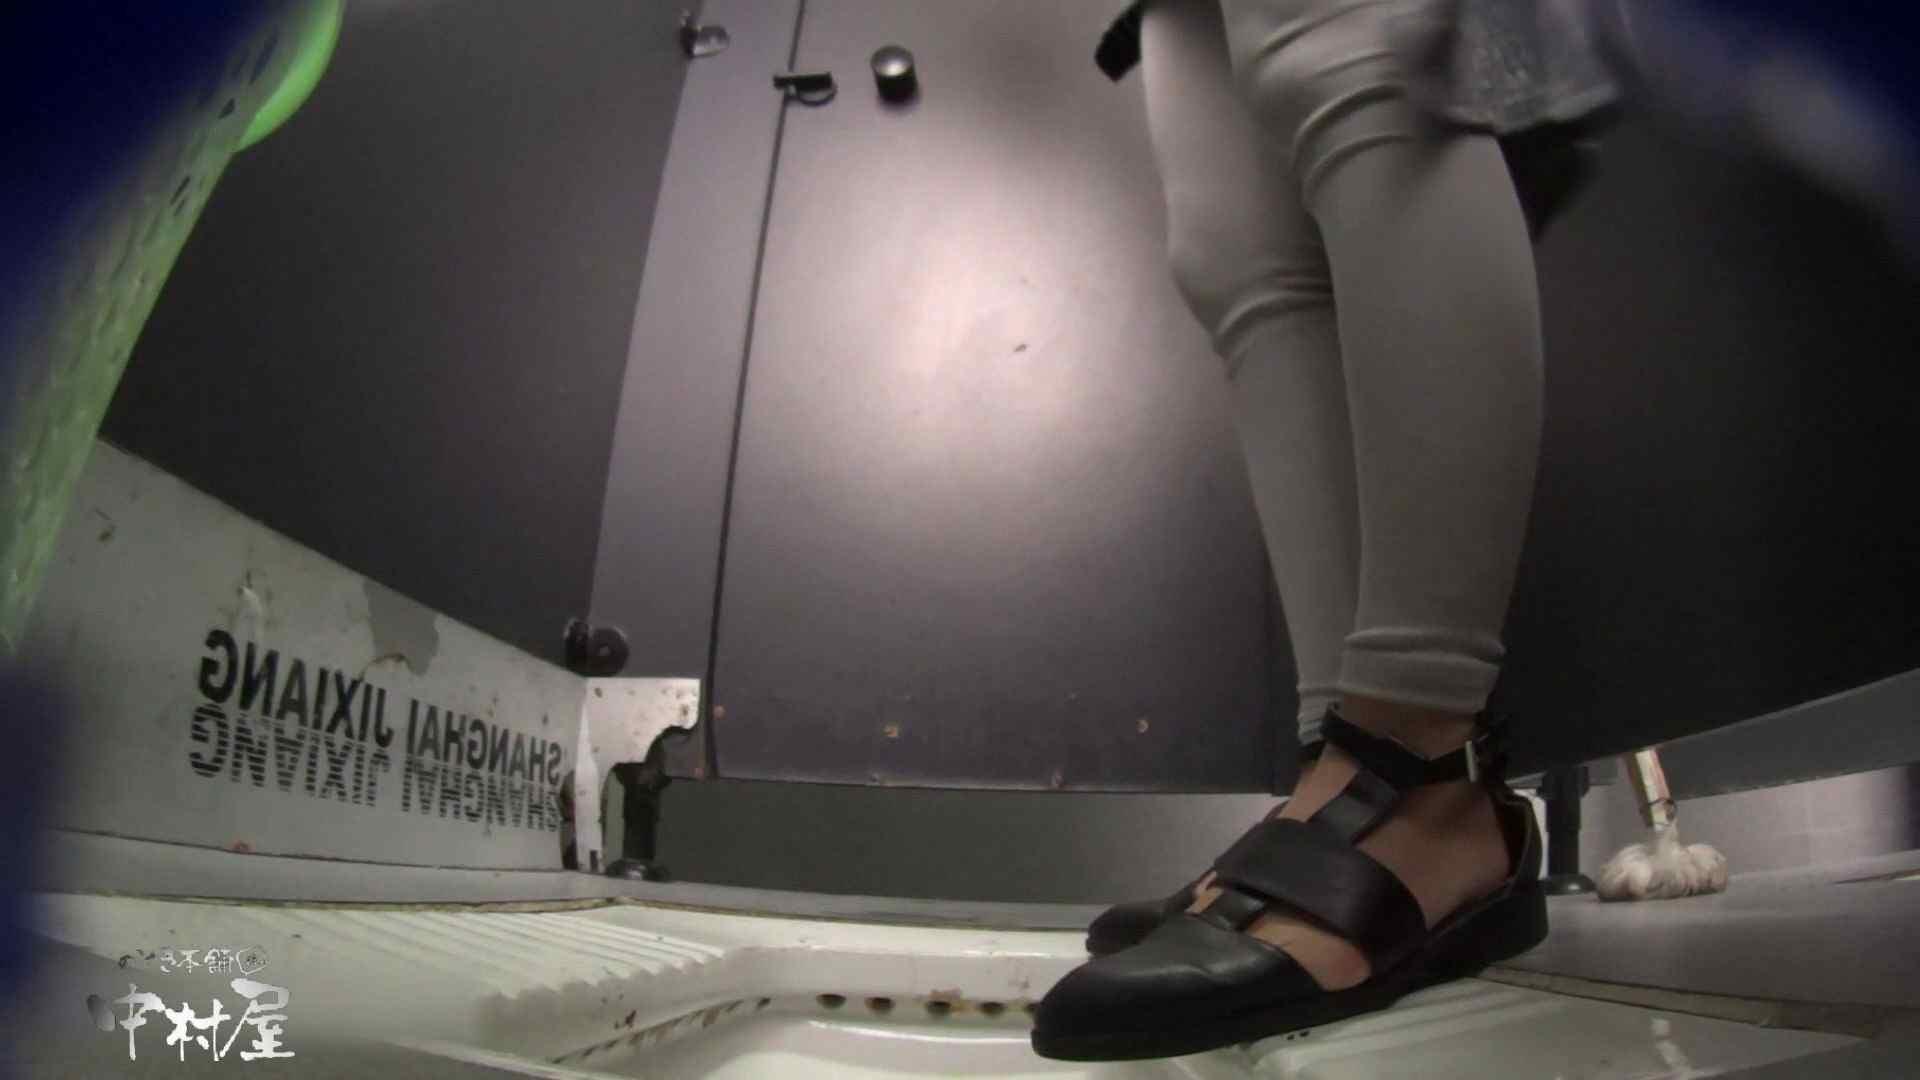 グレースパッツお女市さん 大学休憩時間の洗面所事情31 盗撮師作品 われめAV動画紹介 85pic 38